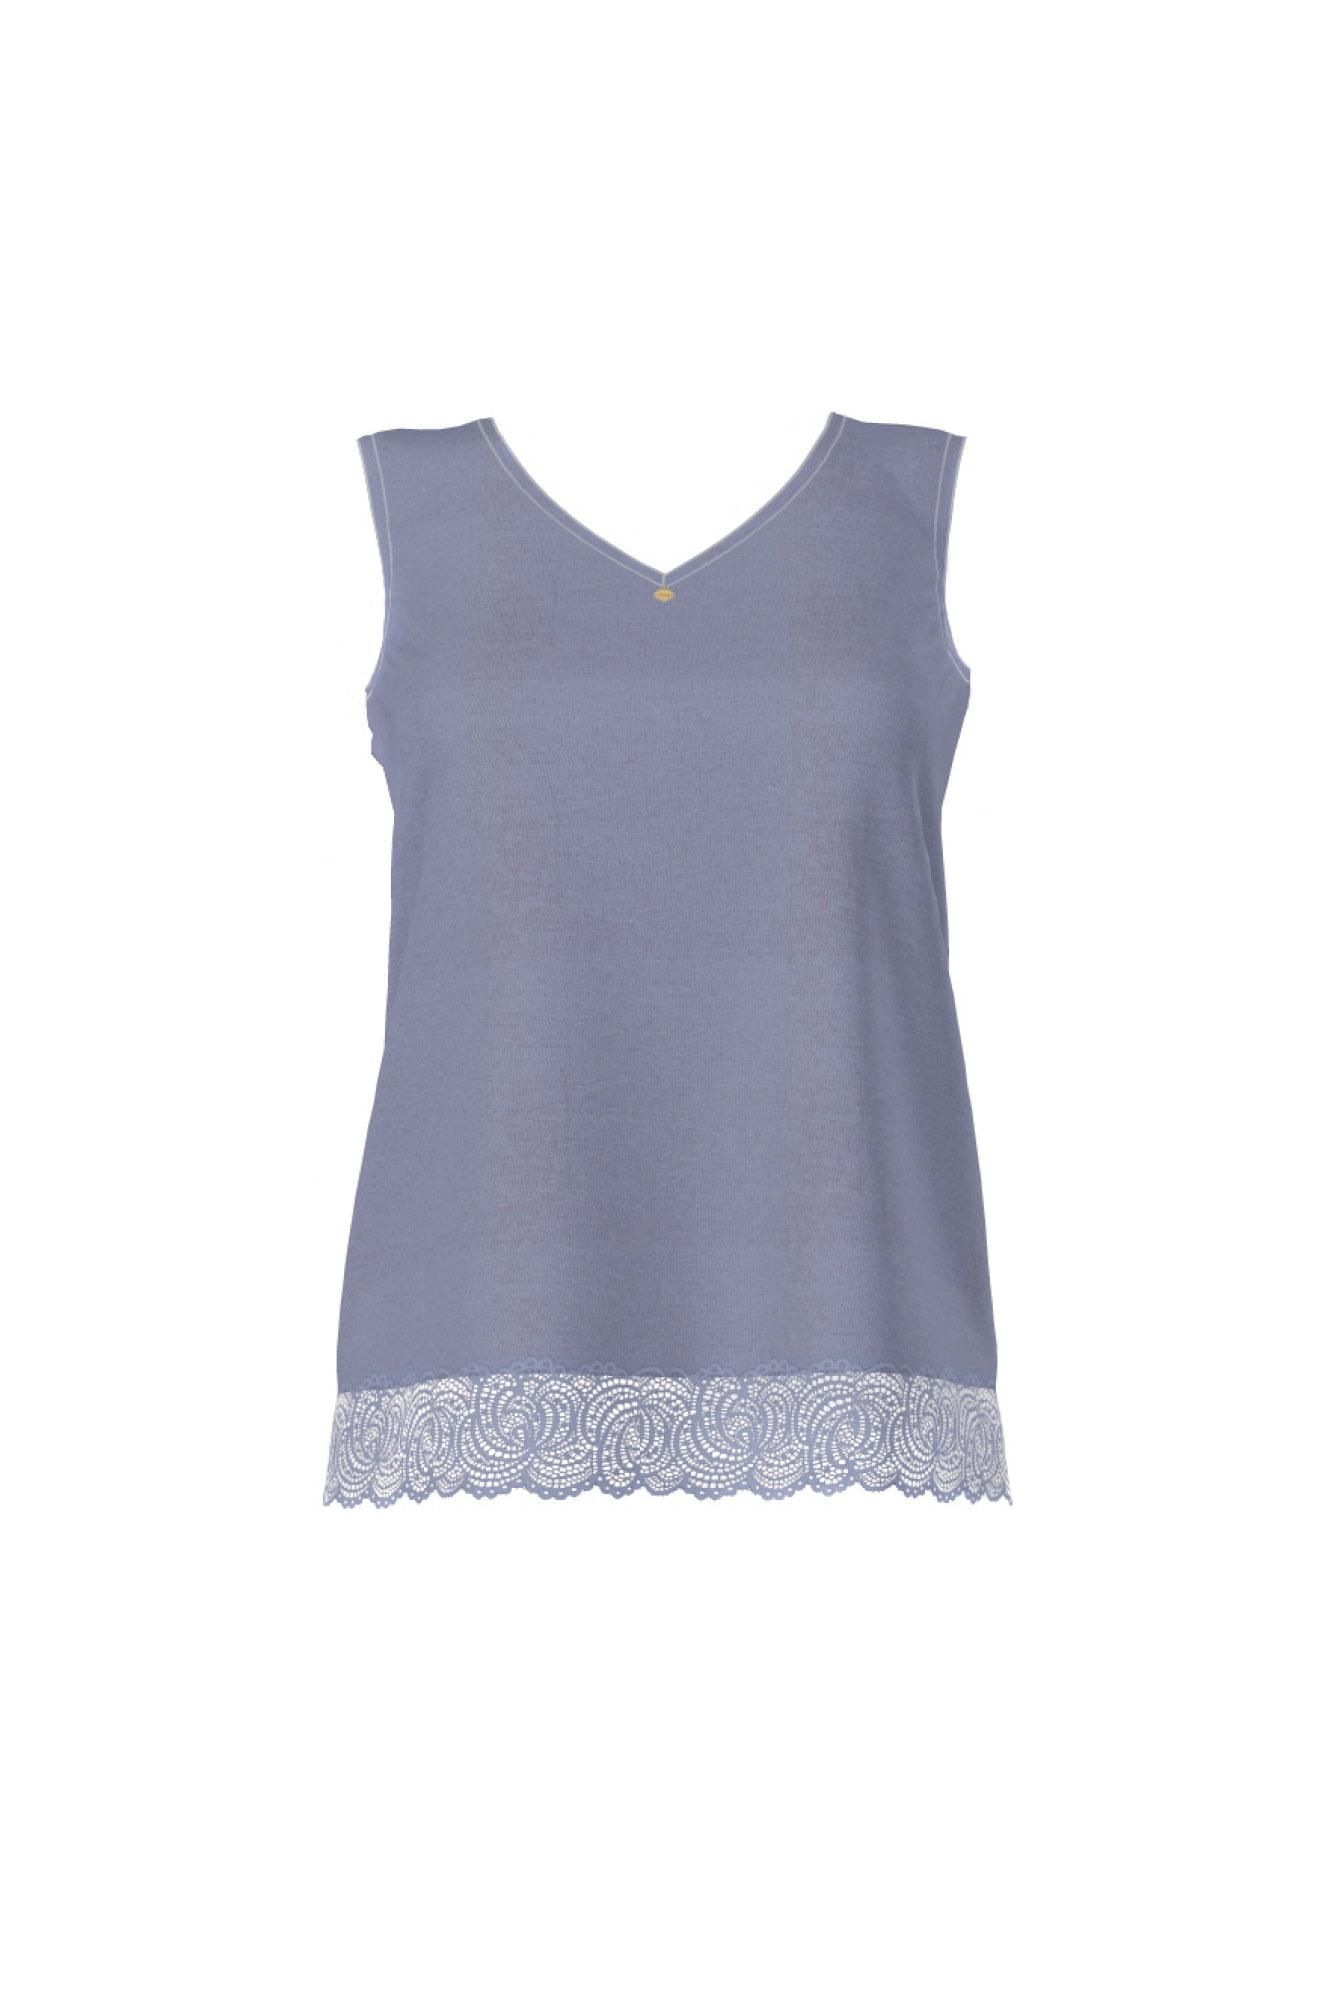 Women's Sleeveless Vest